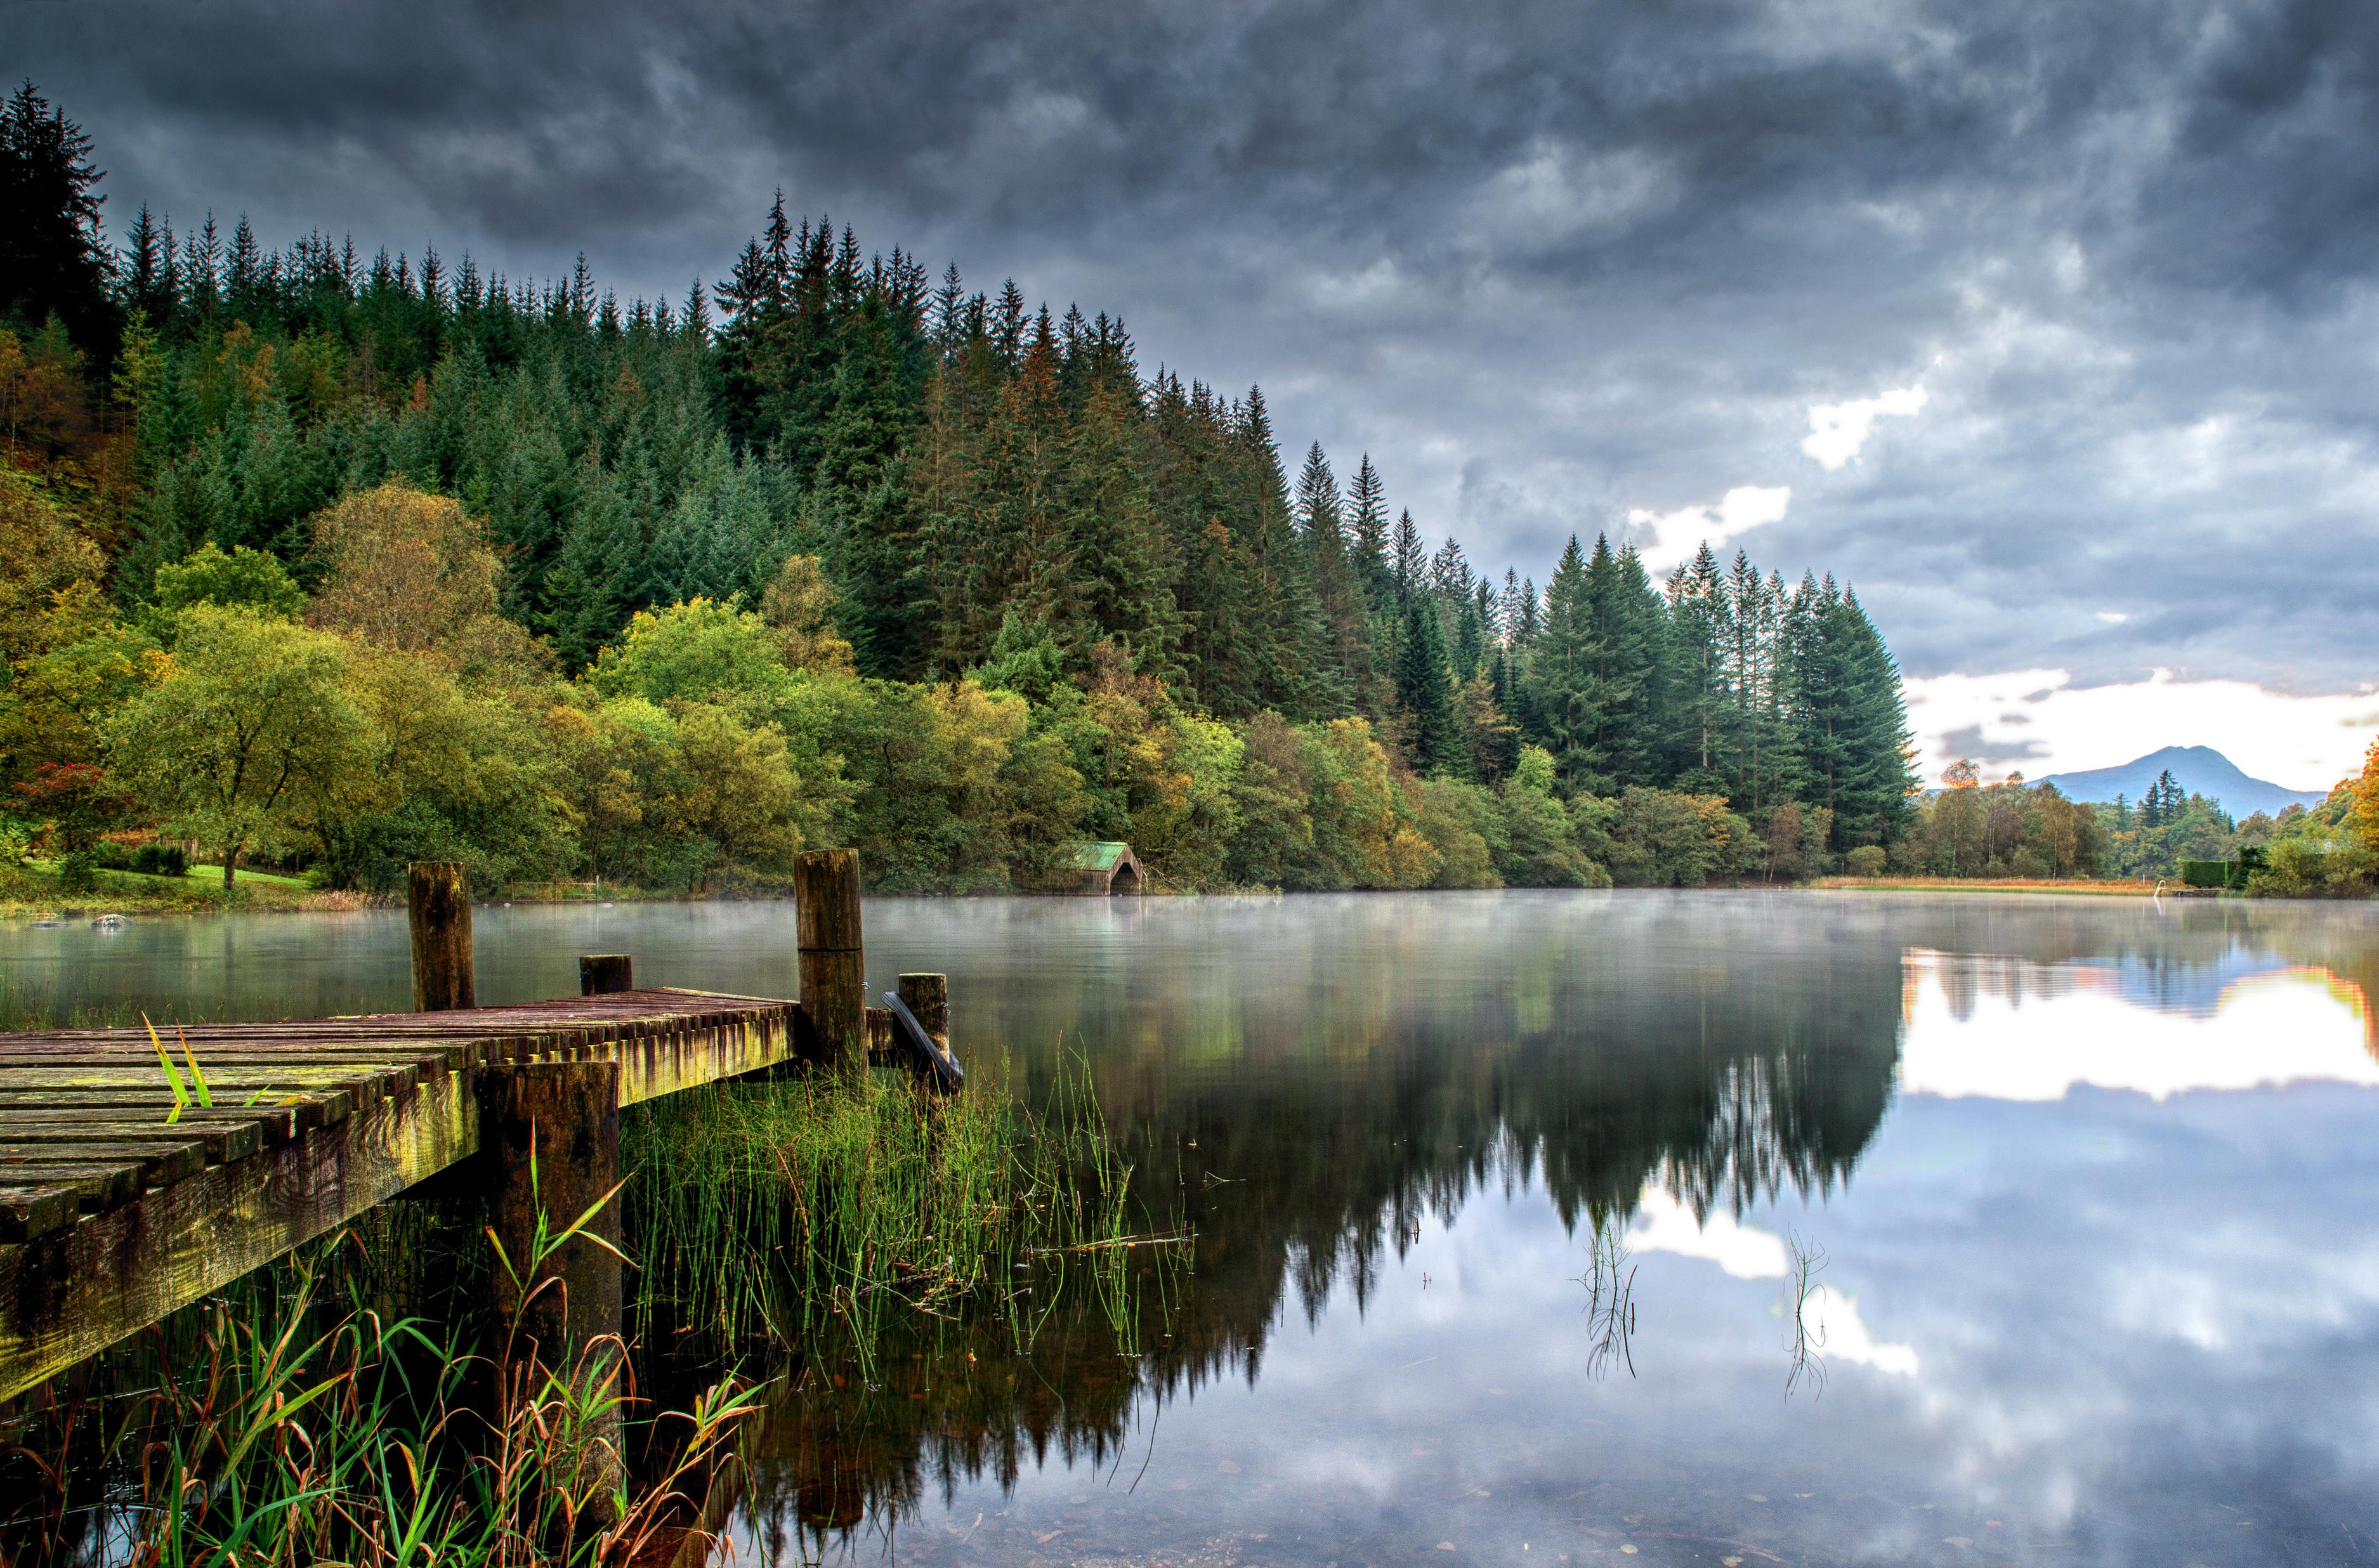 Озерцо мостик лес горы  № 2950022 загрузить